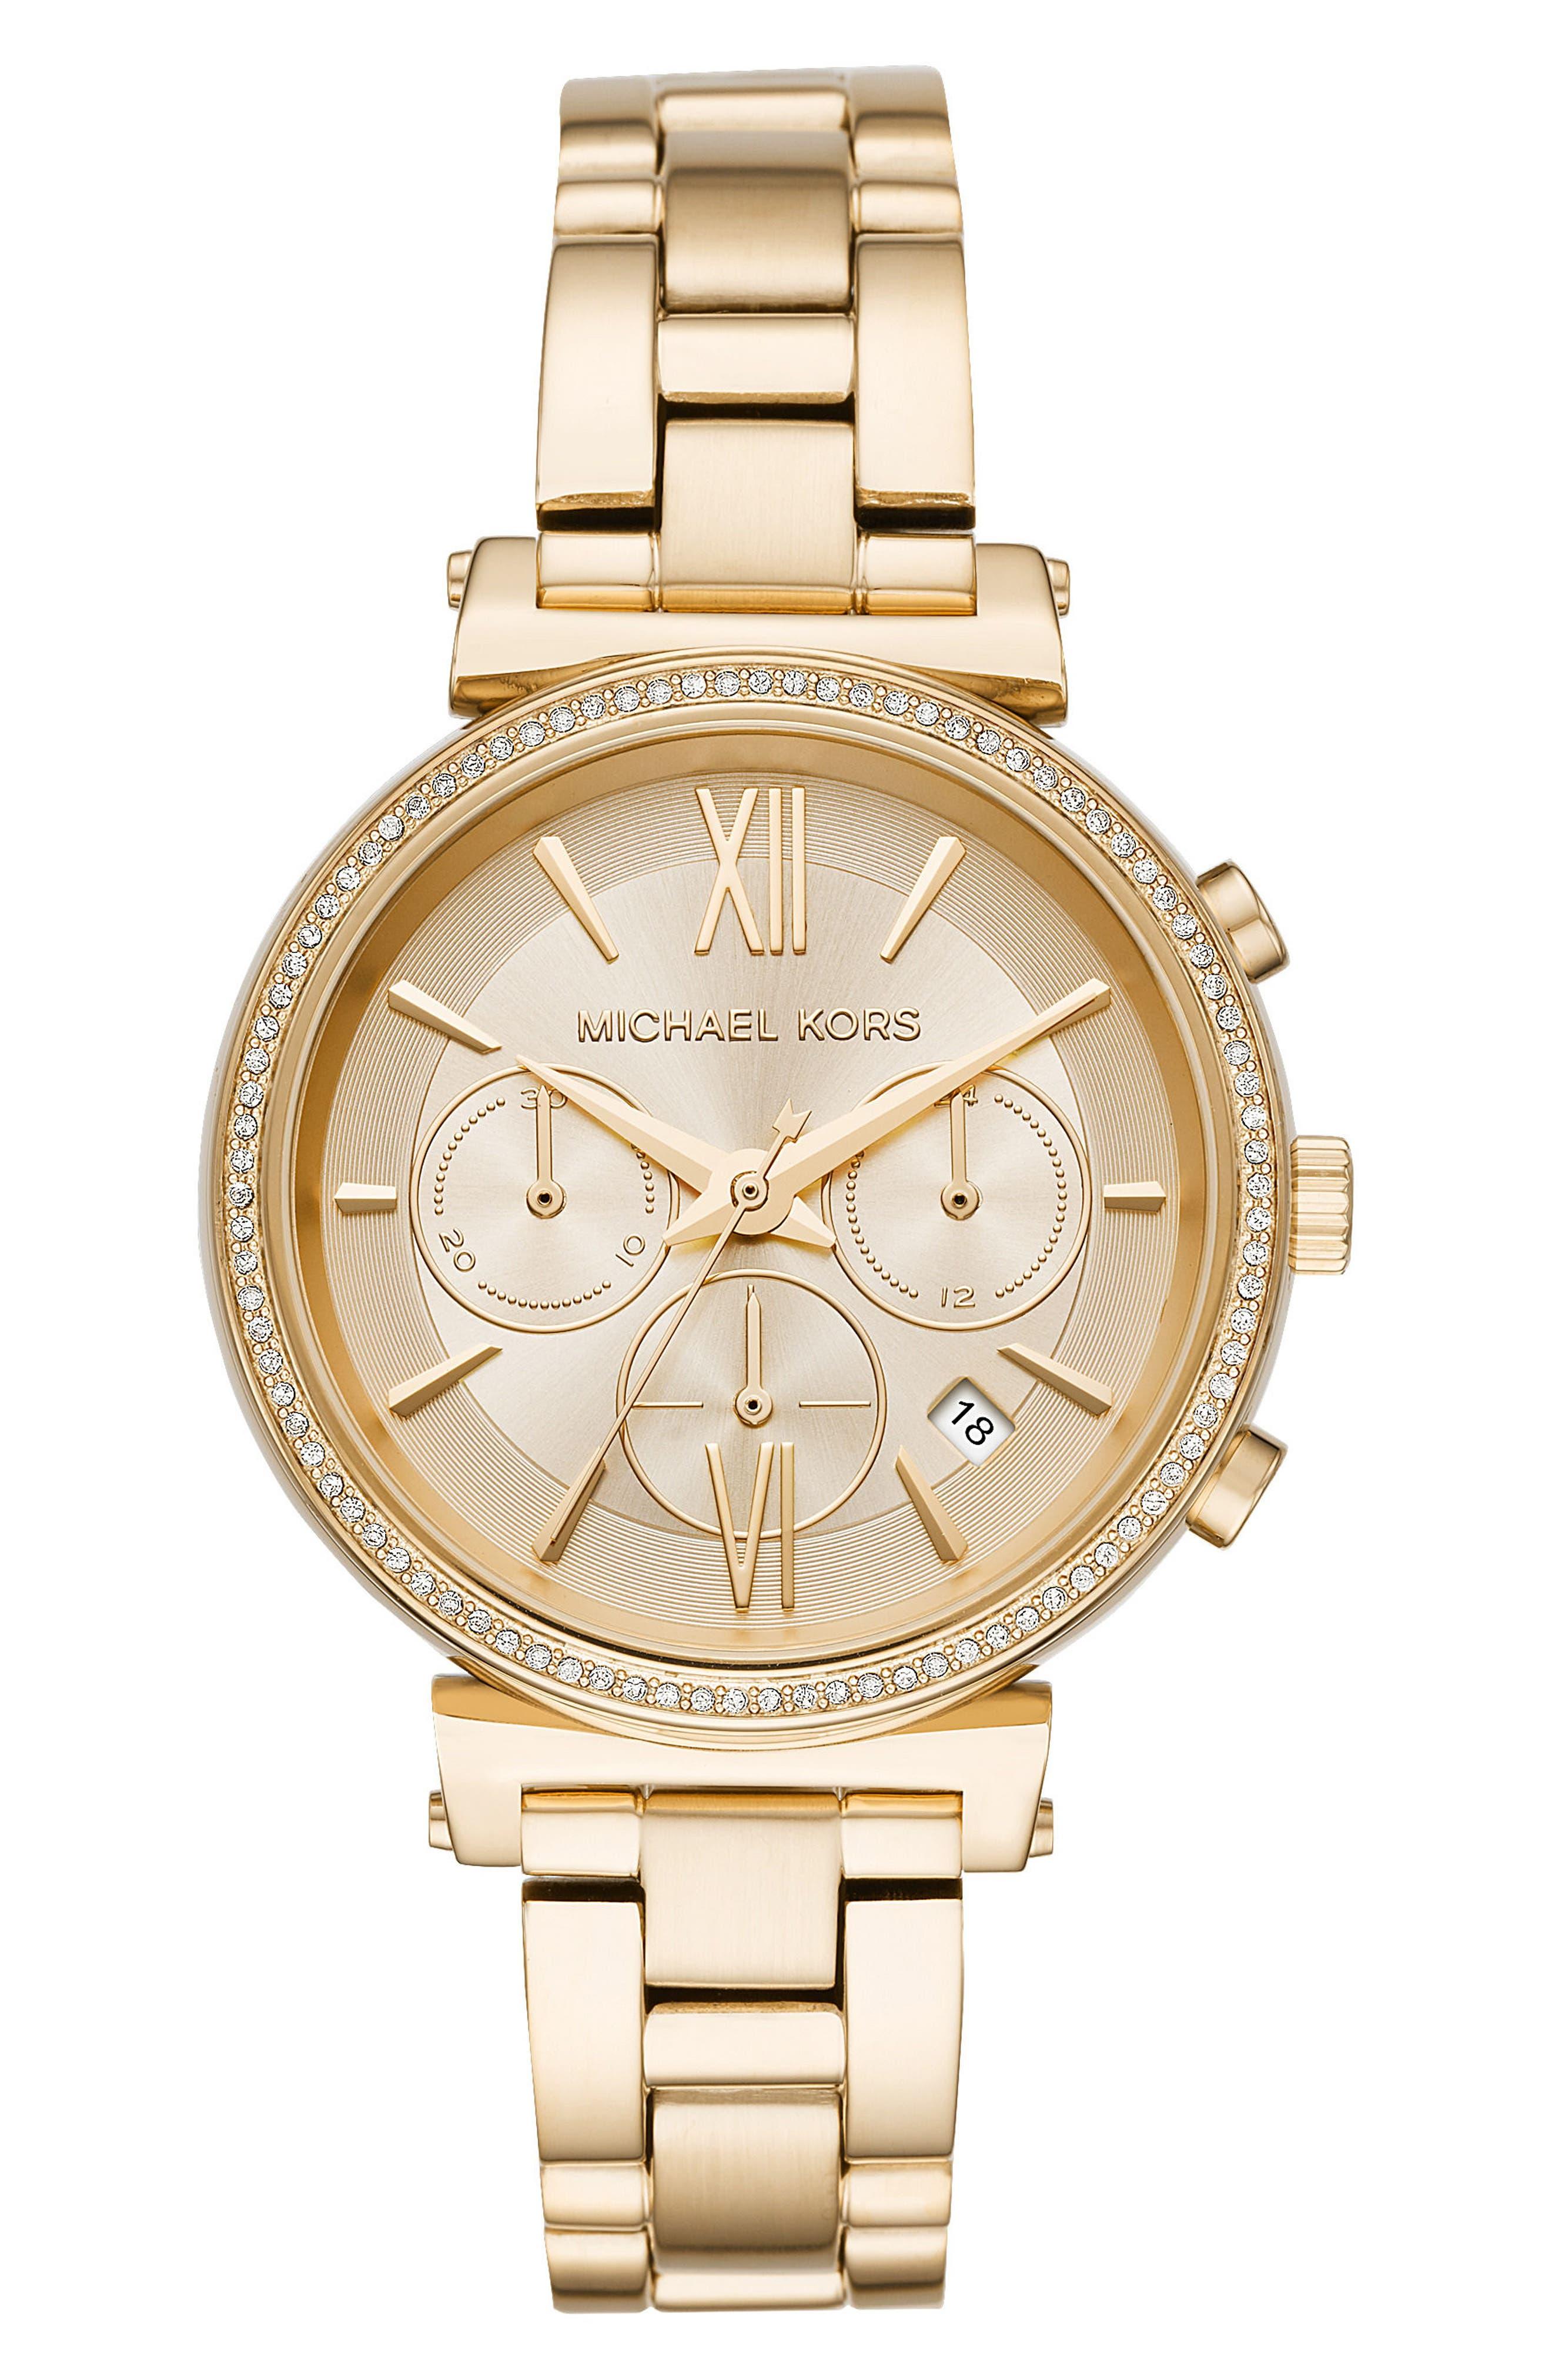 24d0ef8af889 Michael Kors Sofie Chronograph Bracelet Watch on sale at Nordstrom for   206.25 was  275